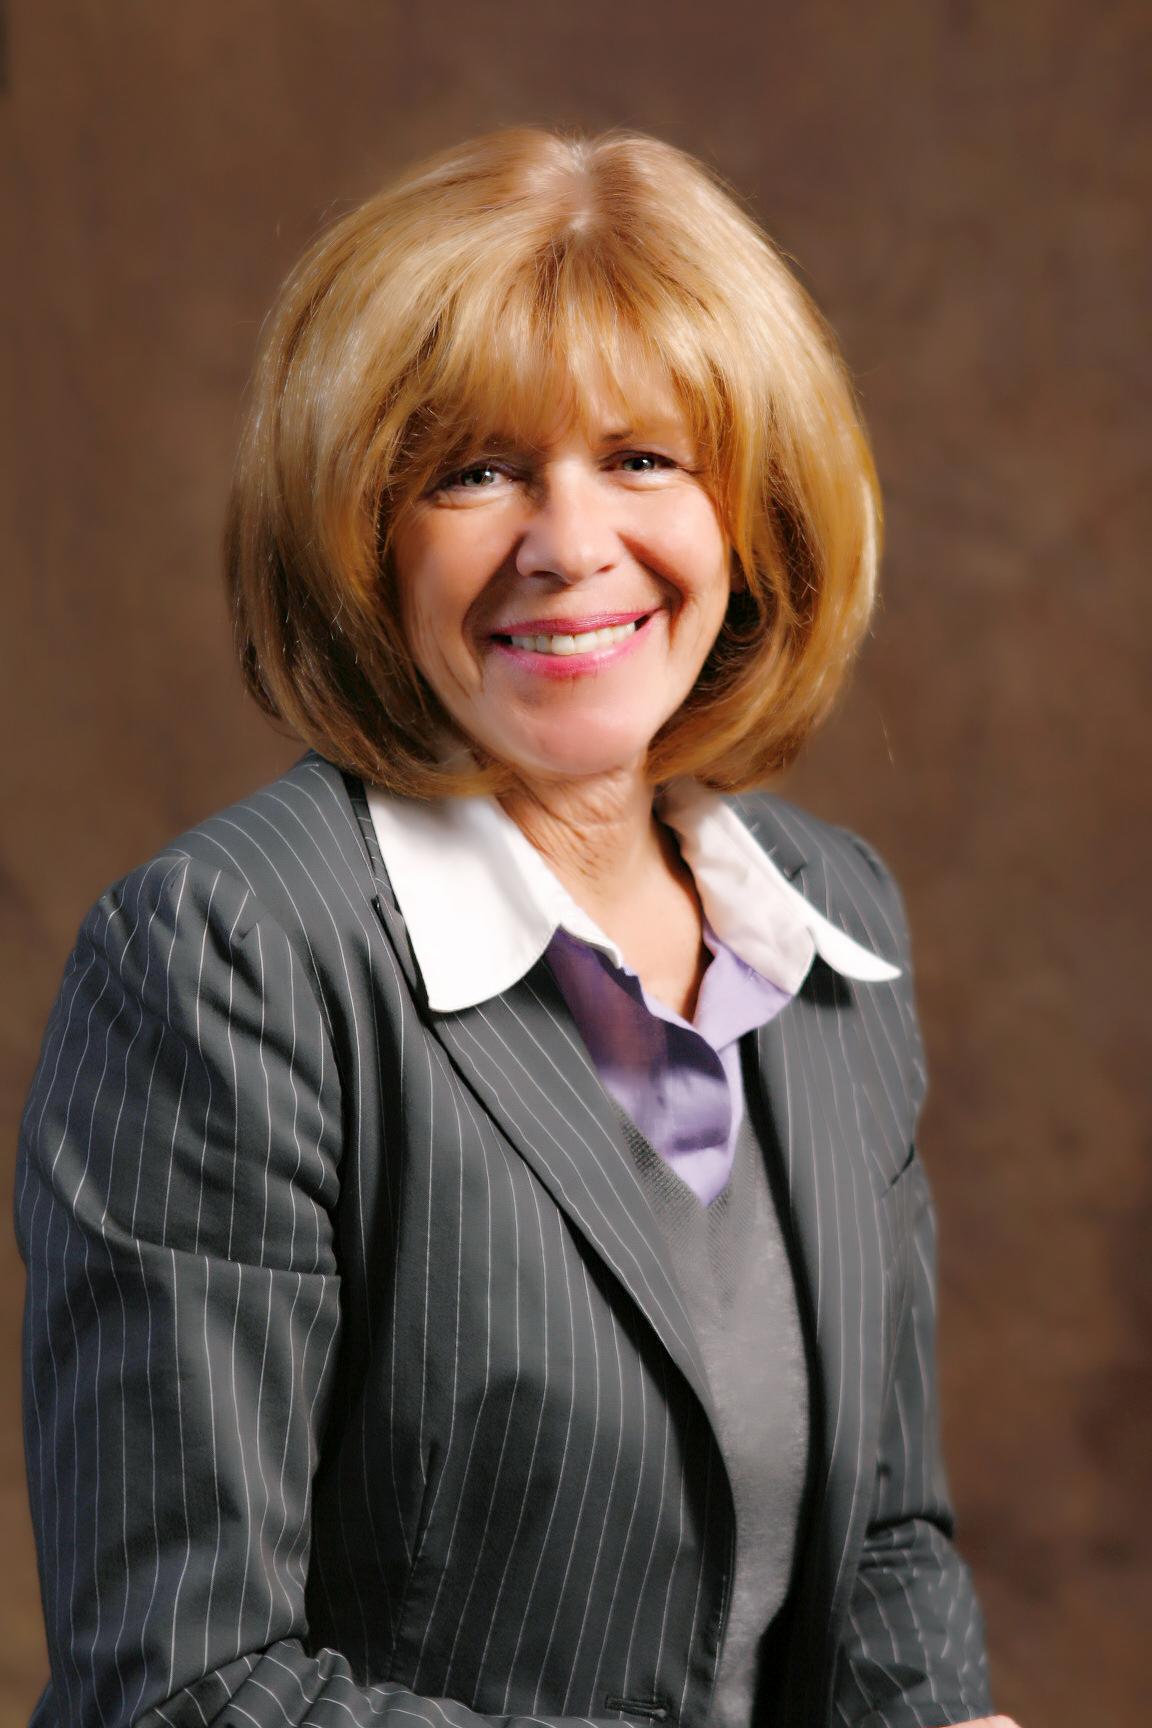 Nicole Stuart